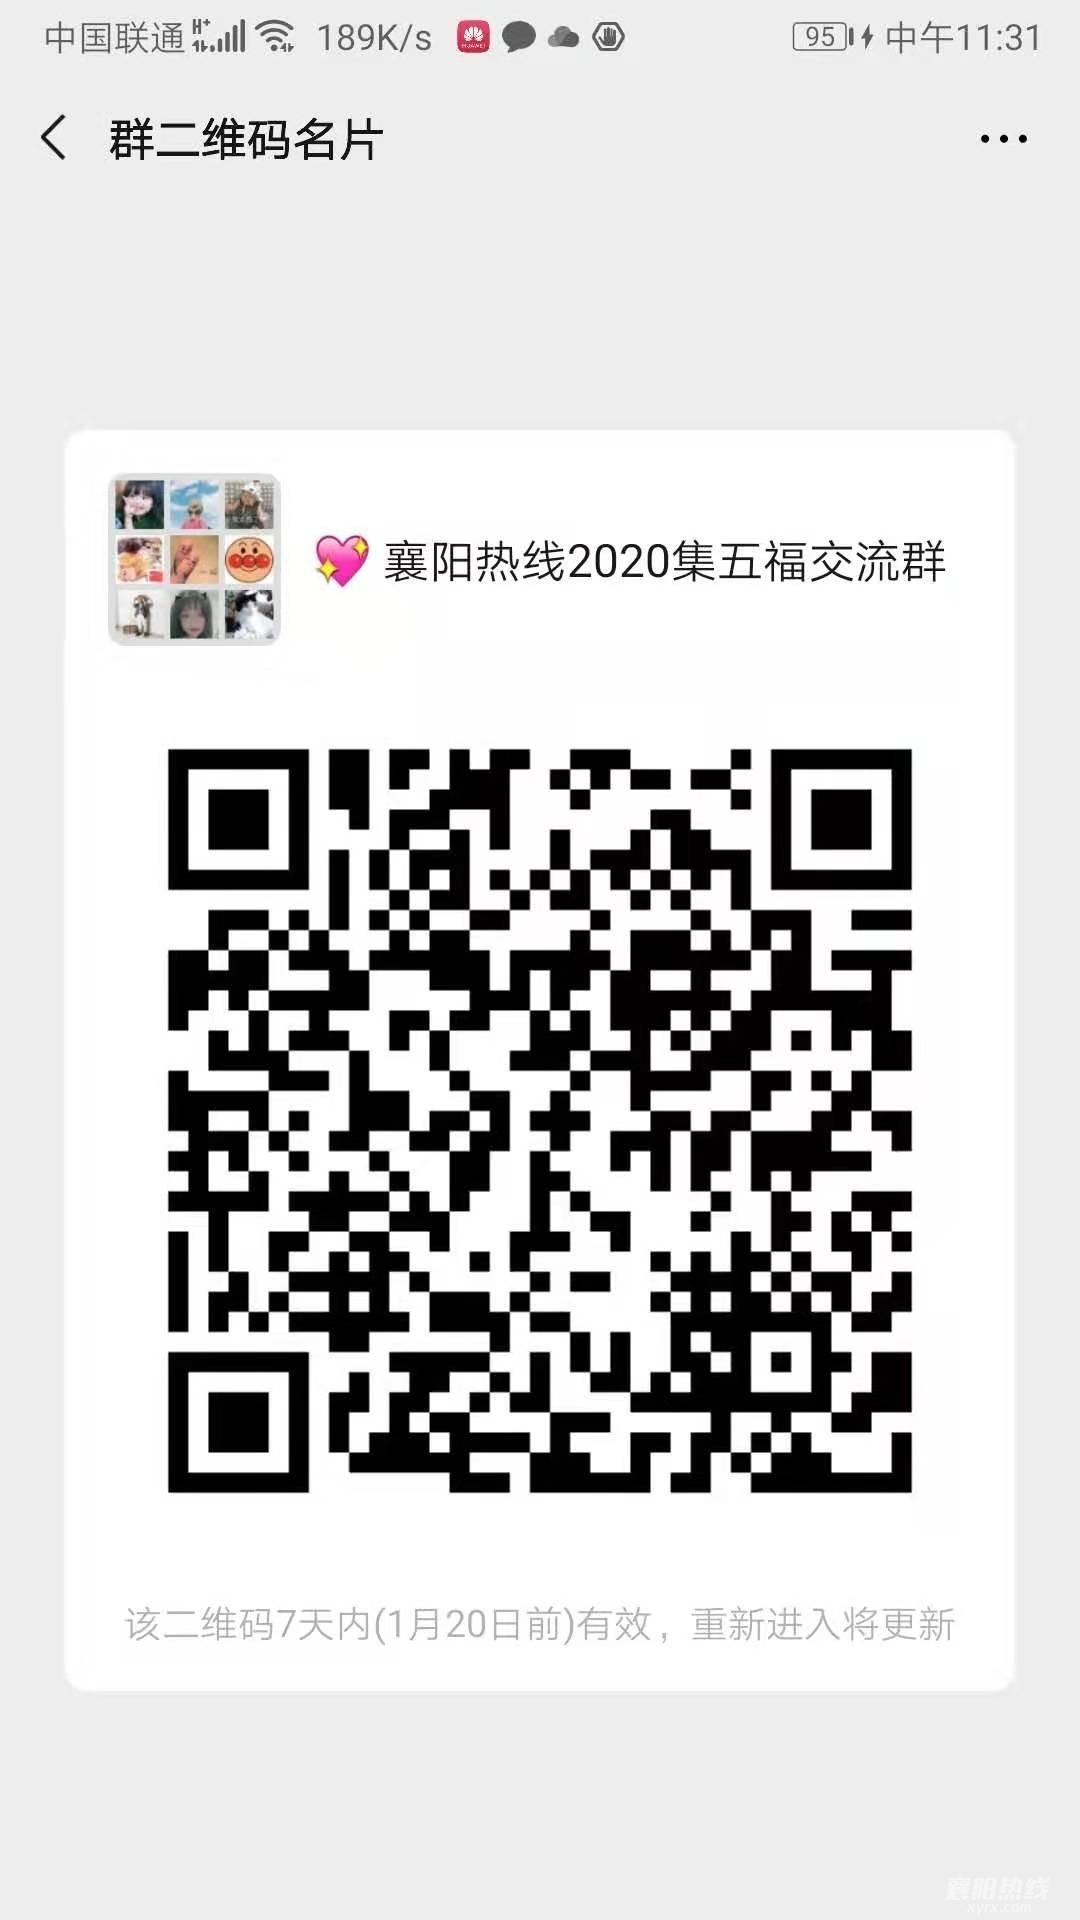 微信图片_20200113113240.jpg